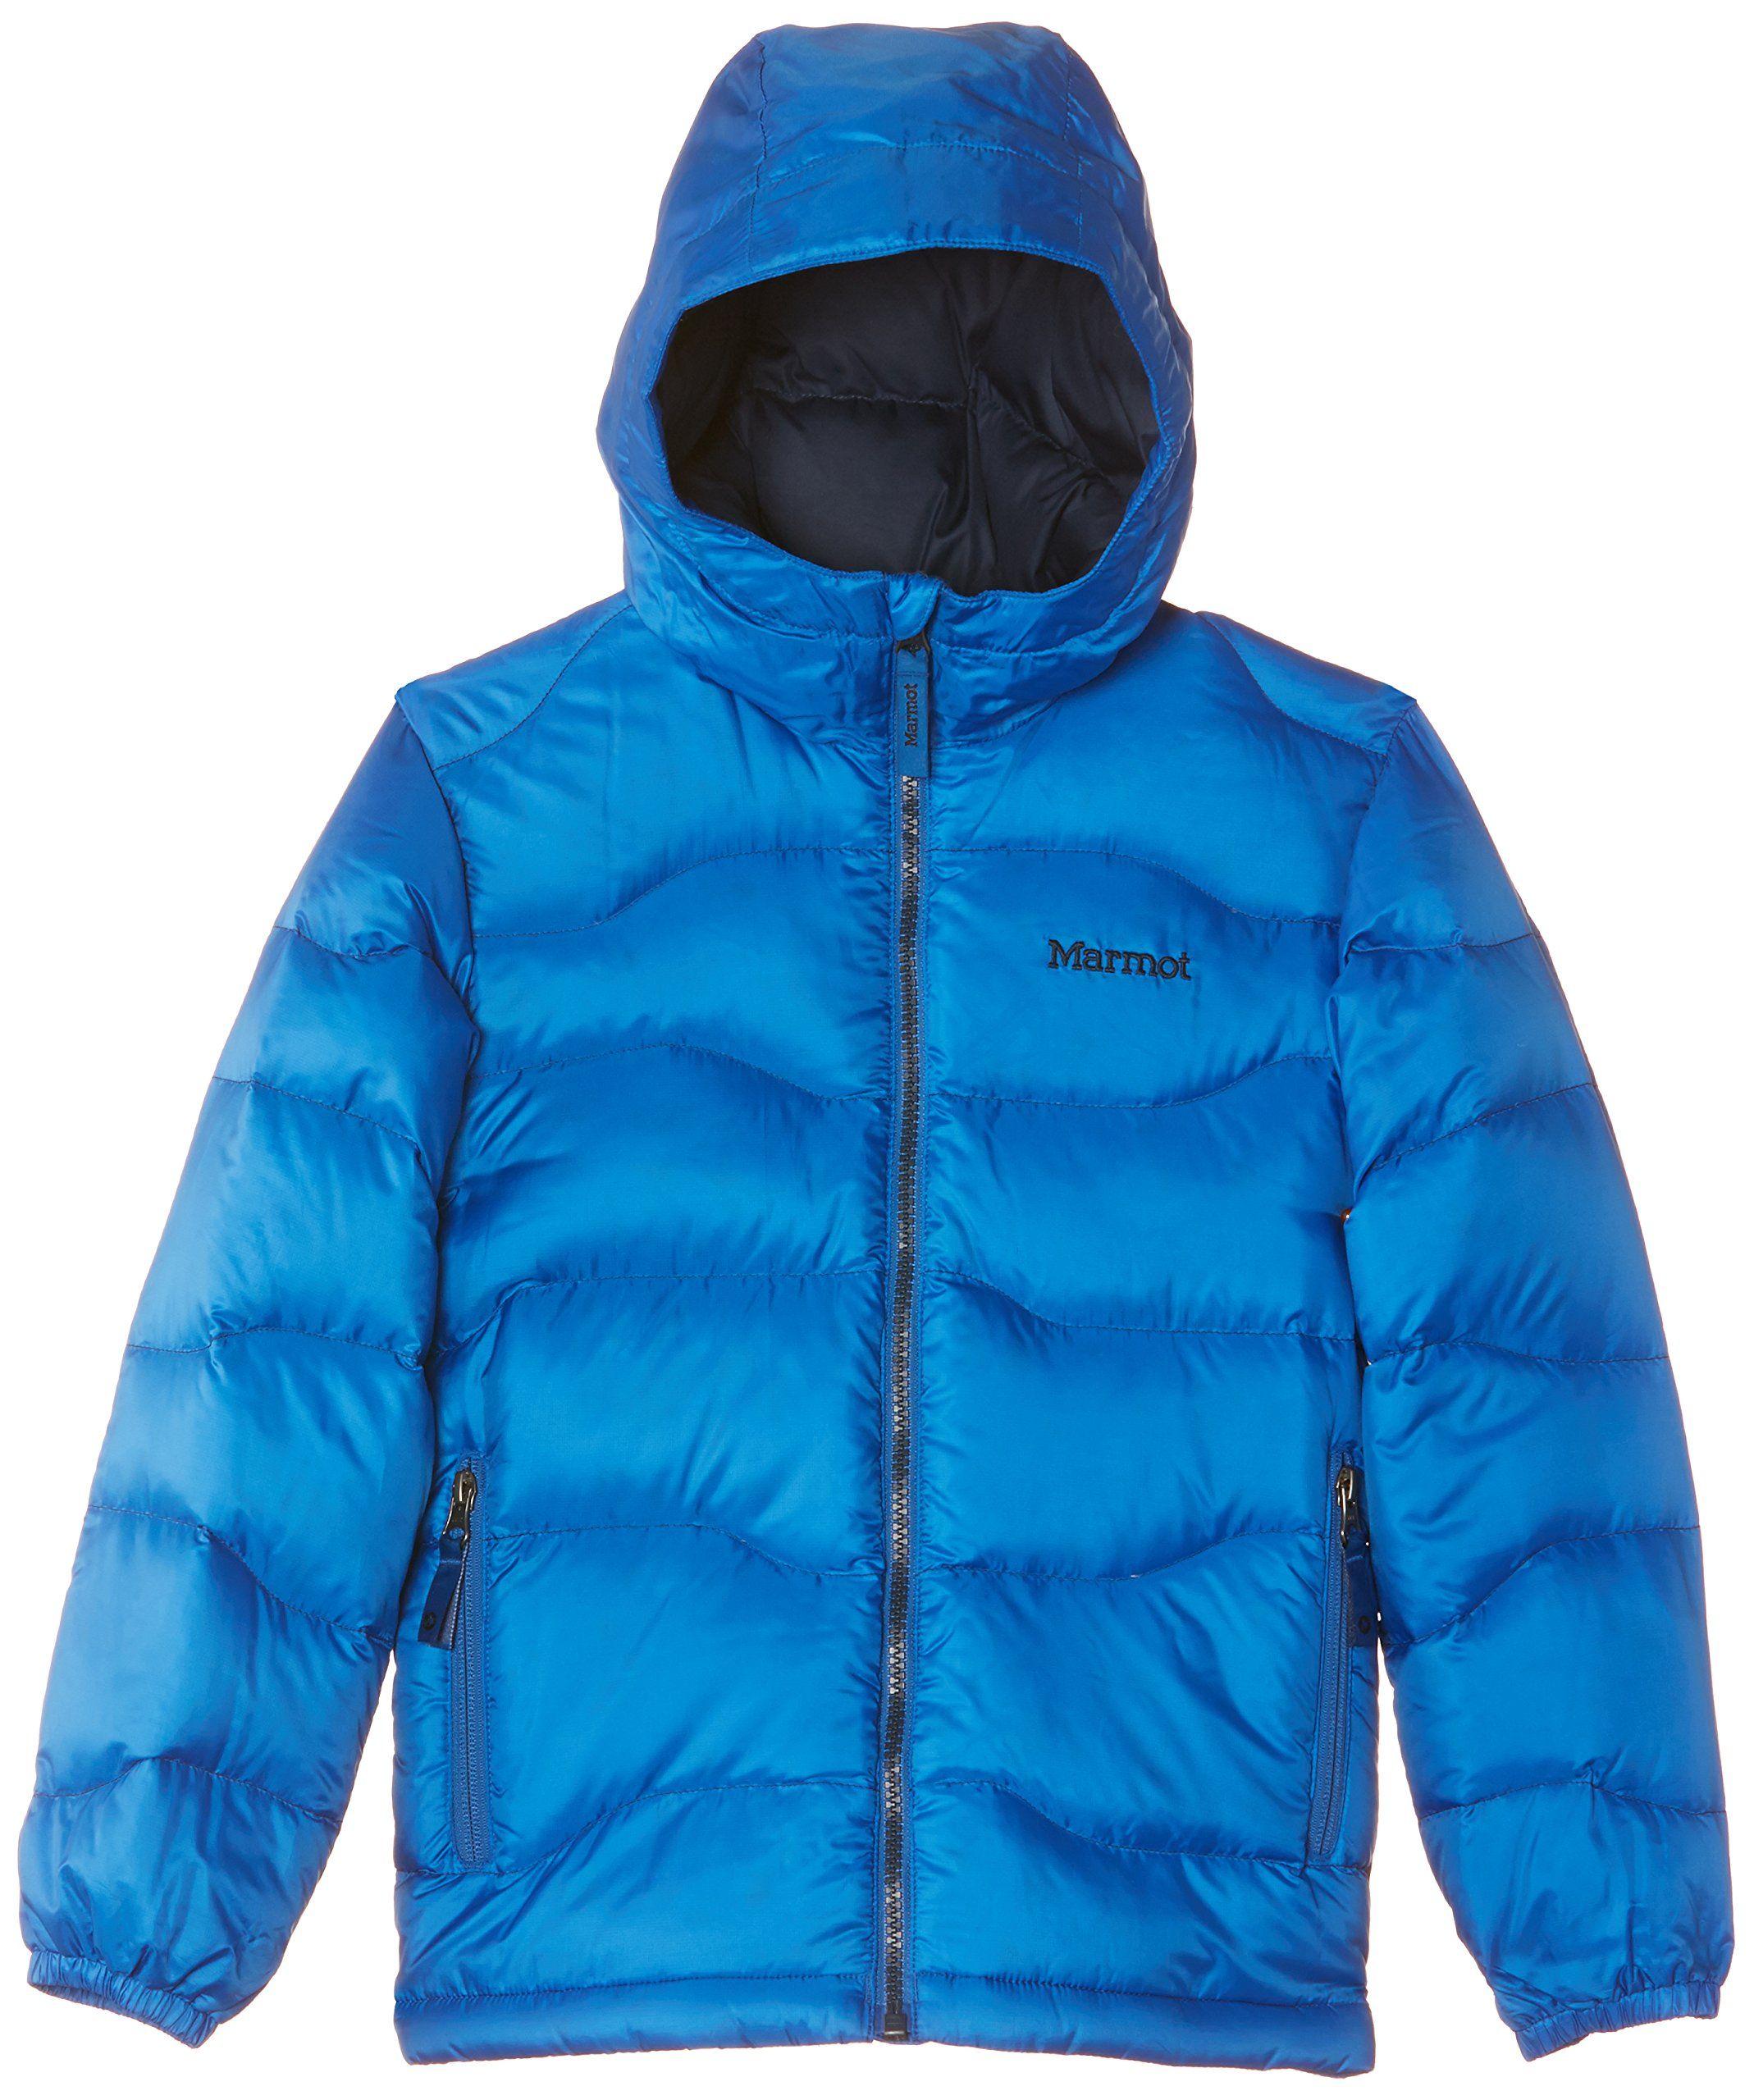 Marmot Montreaux Coat Women S Rei Co Op Coats For Women Down Coat Jackets